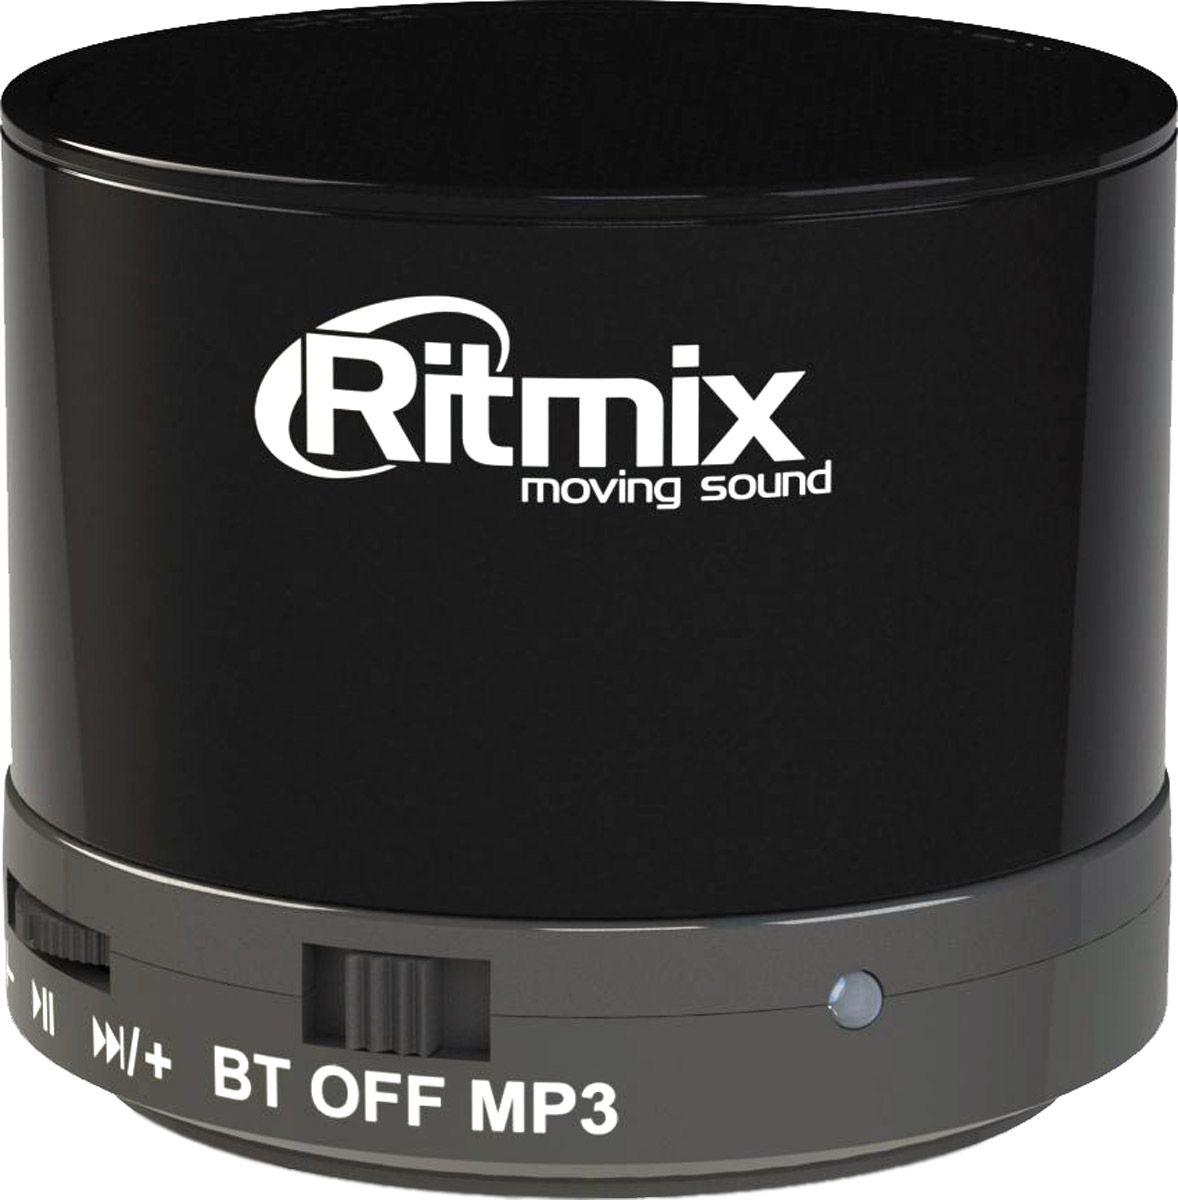 Ritmix SP-130B, Black портативная акустическая система портативная колонка ritmix sp 140b blue white